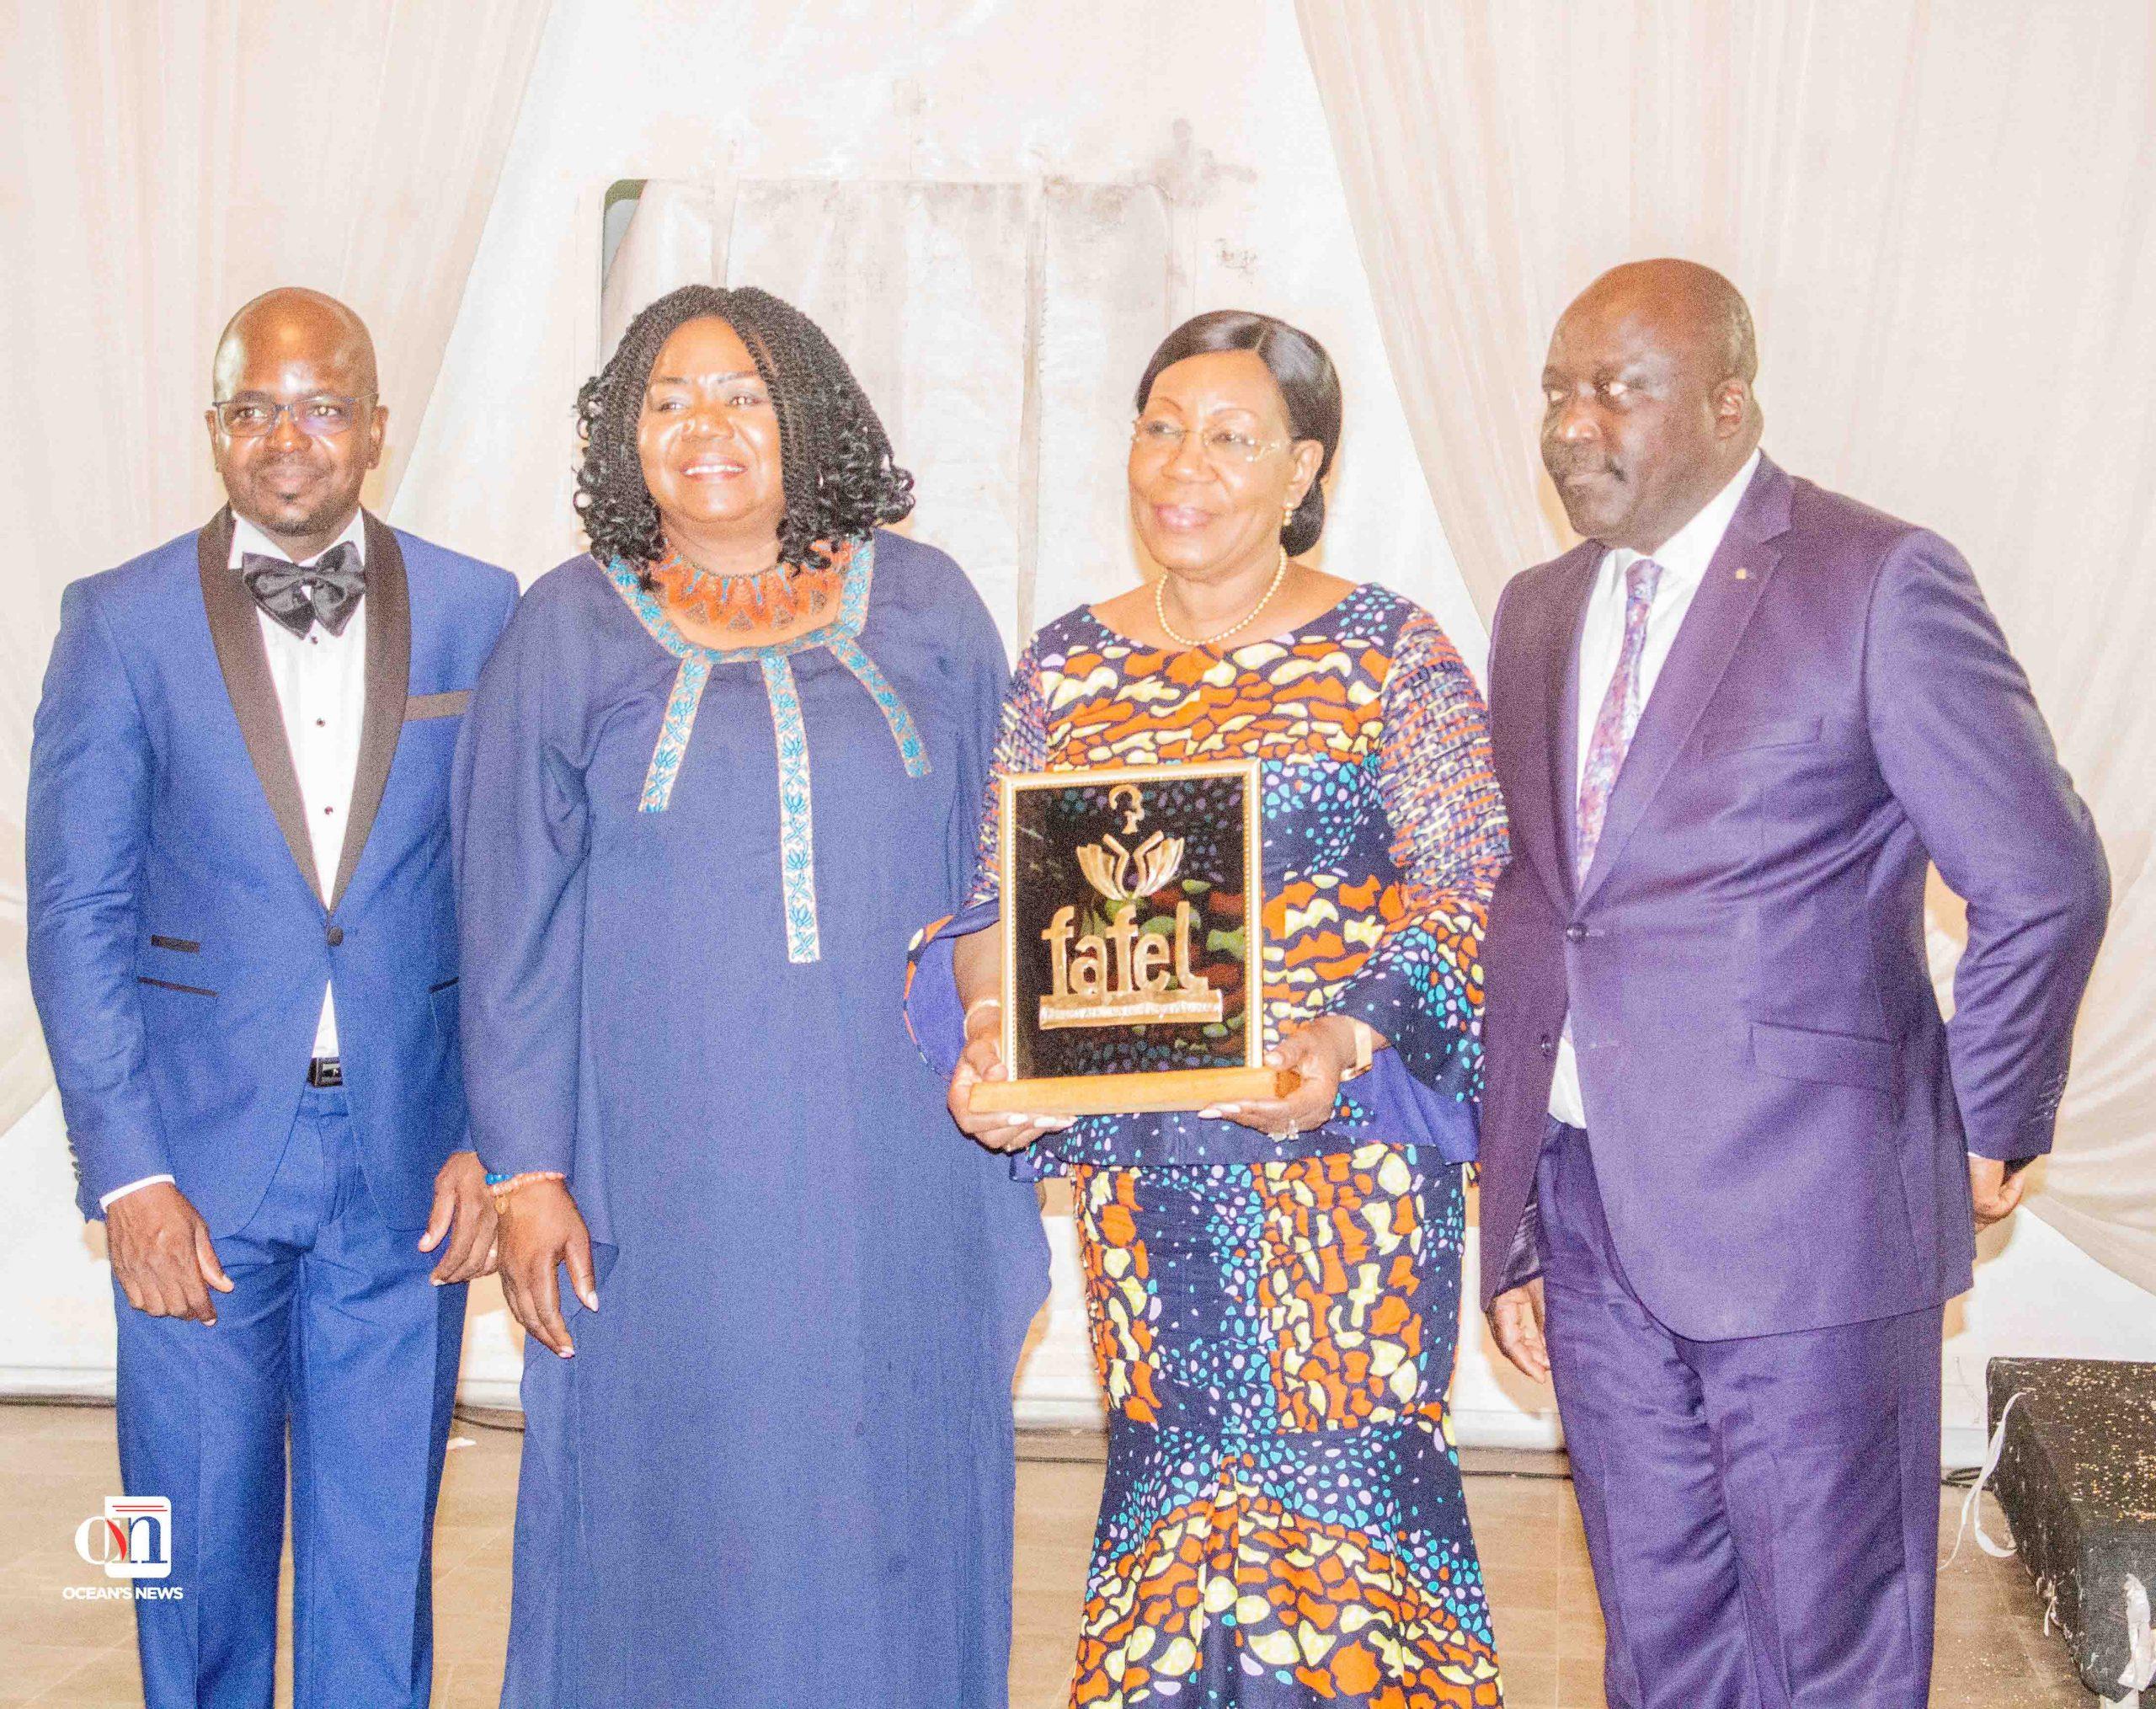 La distinction suprême du FAFEL 2020, le Golden Award (FAFEL Or) a été décernée à Son Excellence Madame Catherine SAMBA-PANZA, Ex-Présidente de la République de Centrafrique, Co-Présidente du Réseau des Médiatrices de l'Union Africaine FemWise Africa de l'UA.